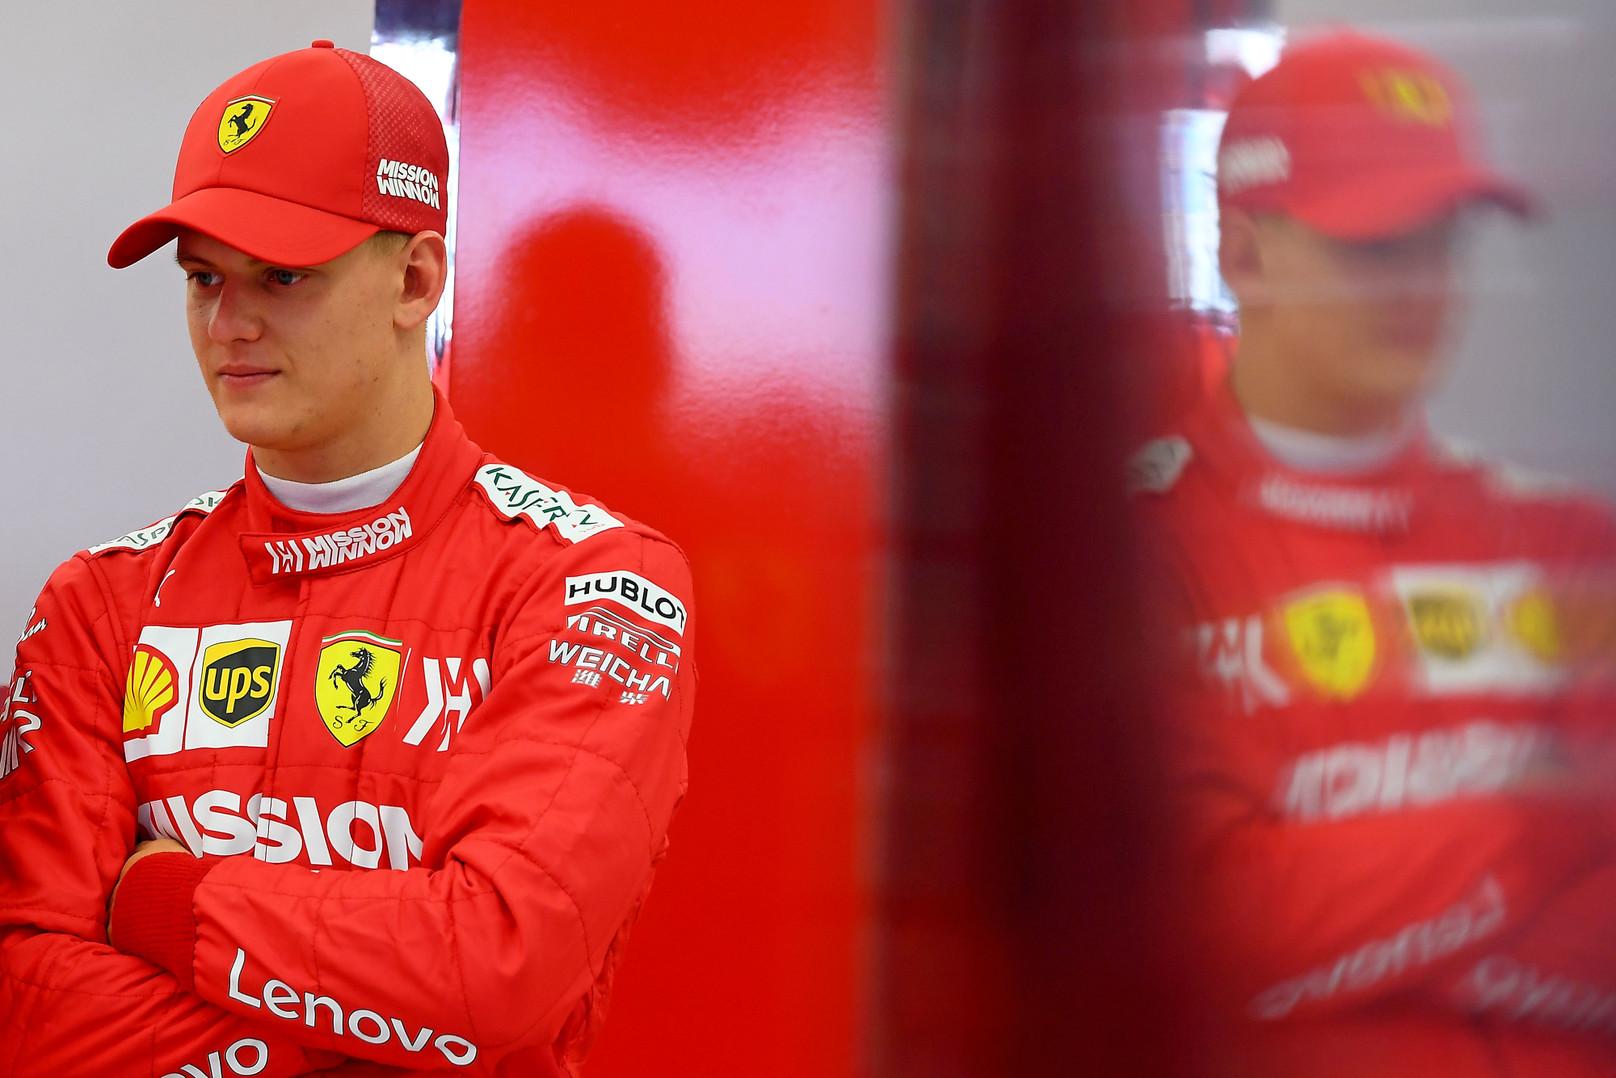 N. Hulkenbergas: tik laiko klausimas, kada M. Schumacheris debiutuos F-1